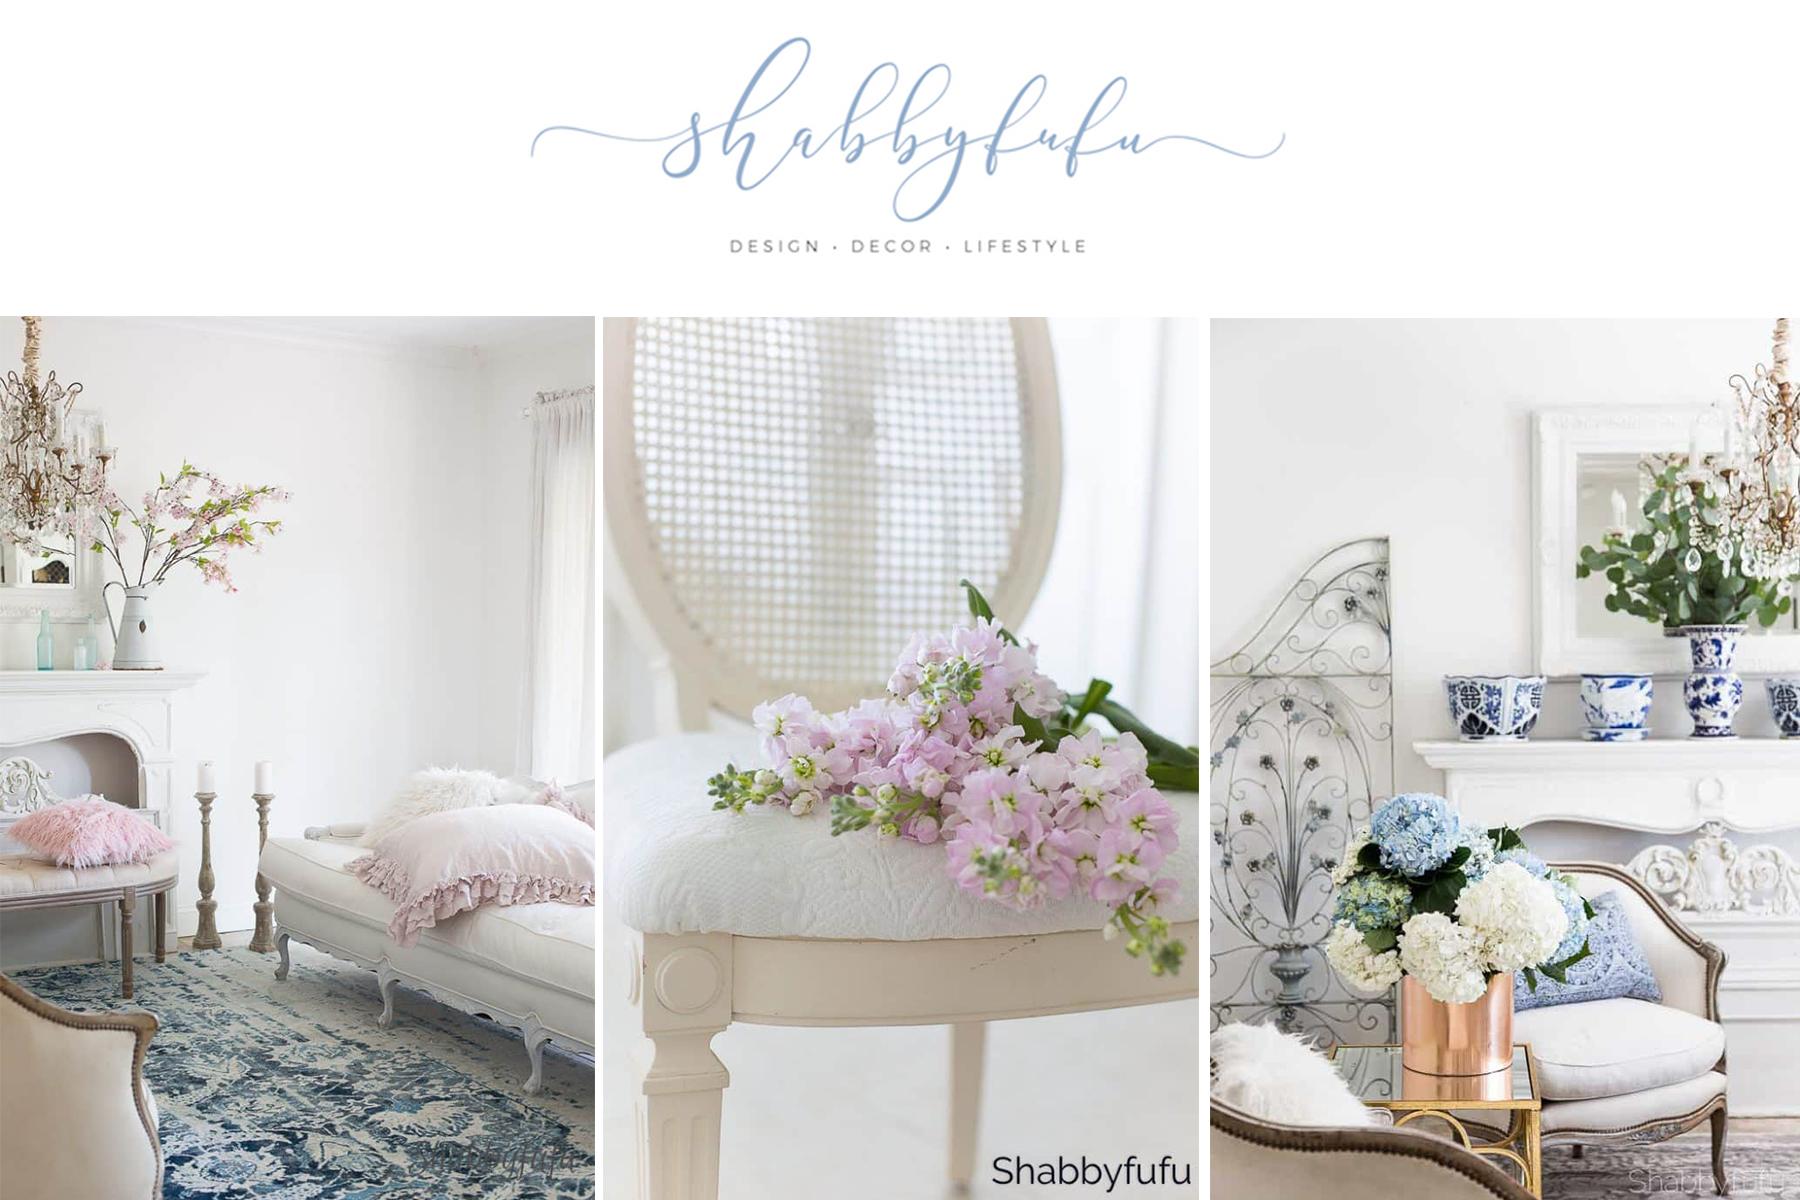 Style Showcase 61 shabbyfufu